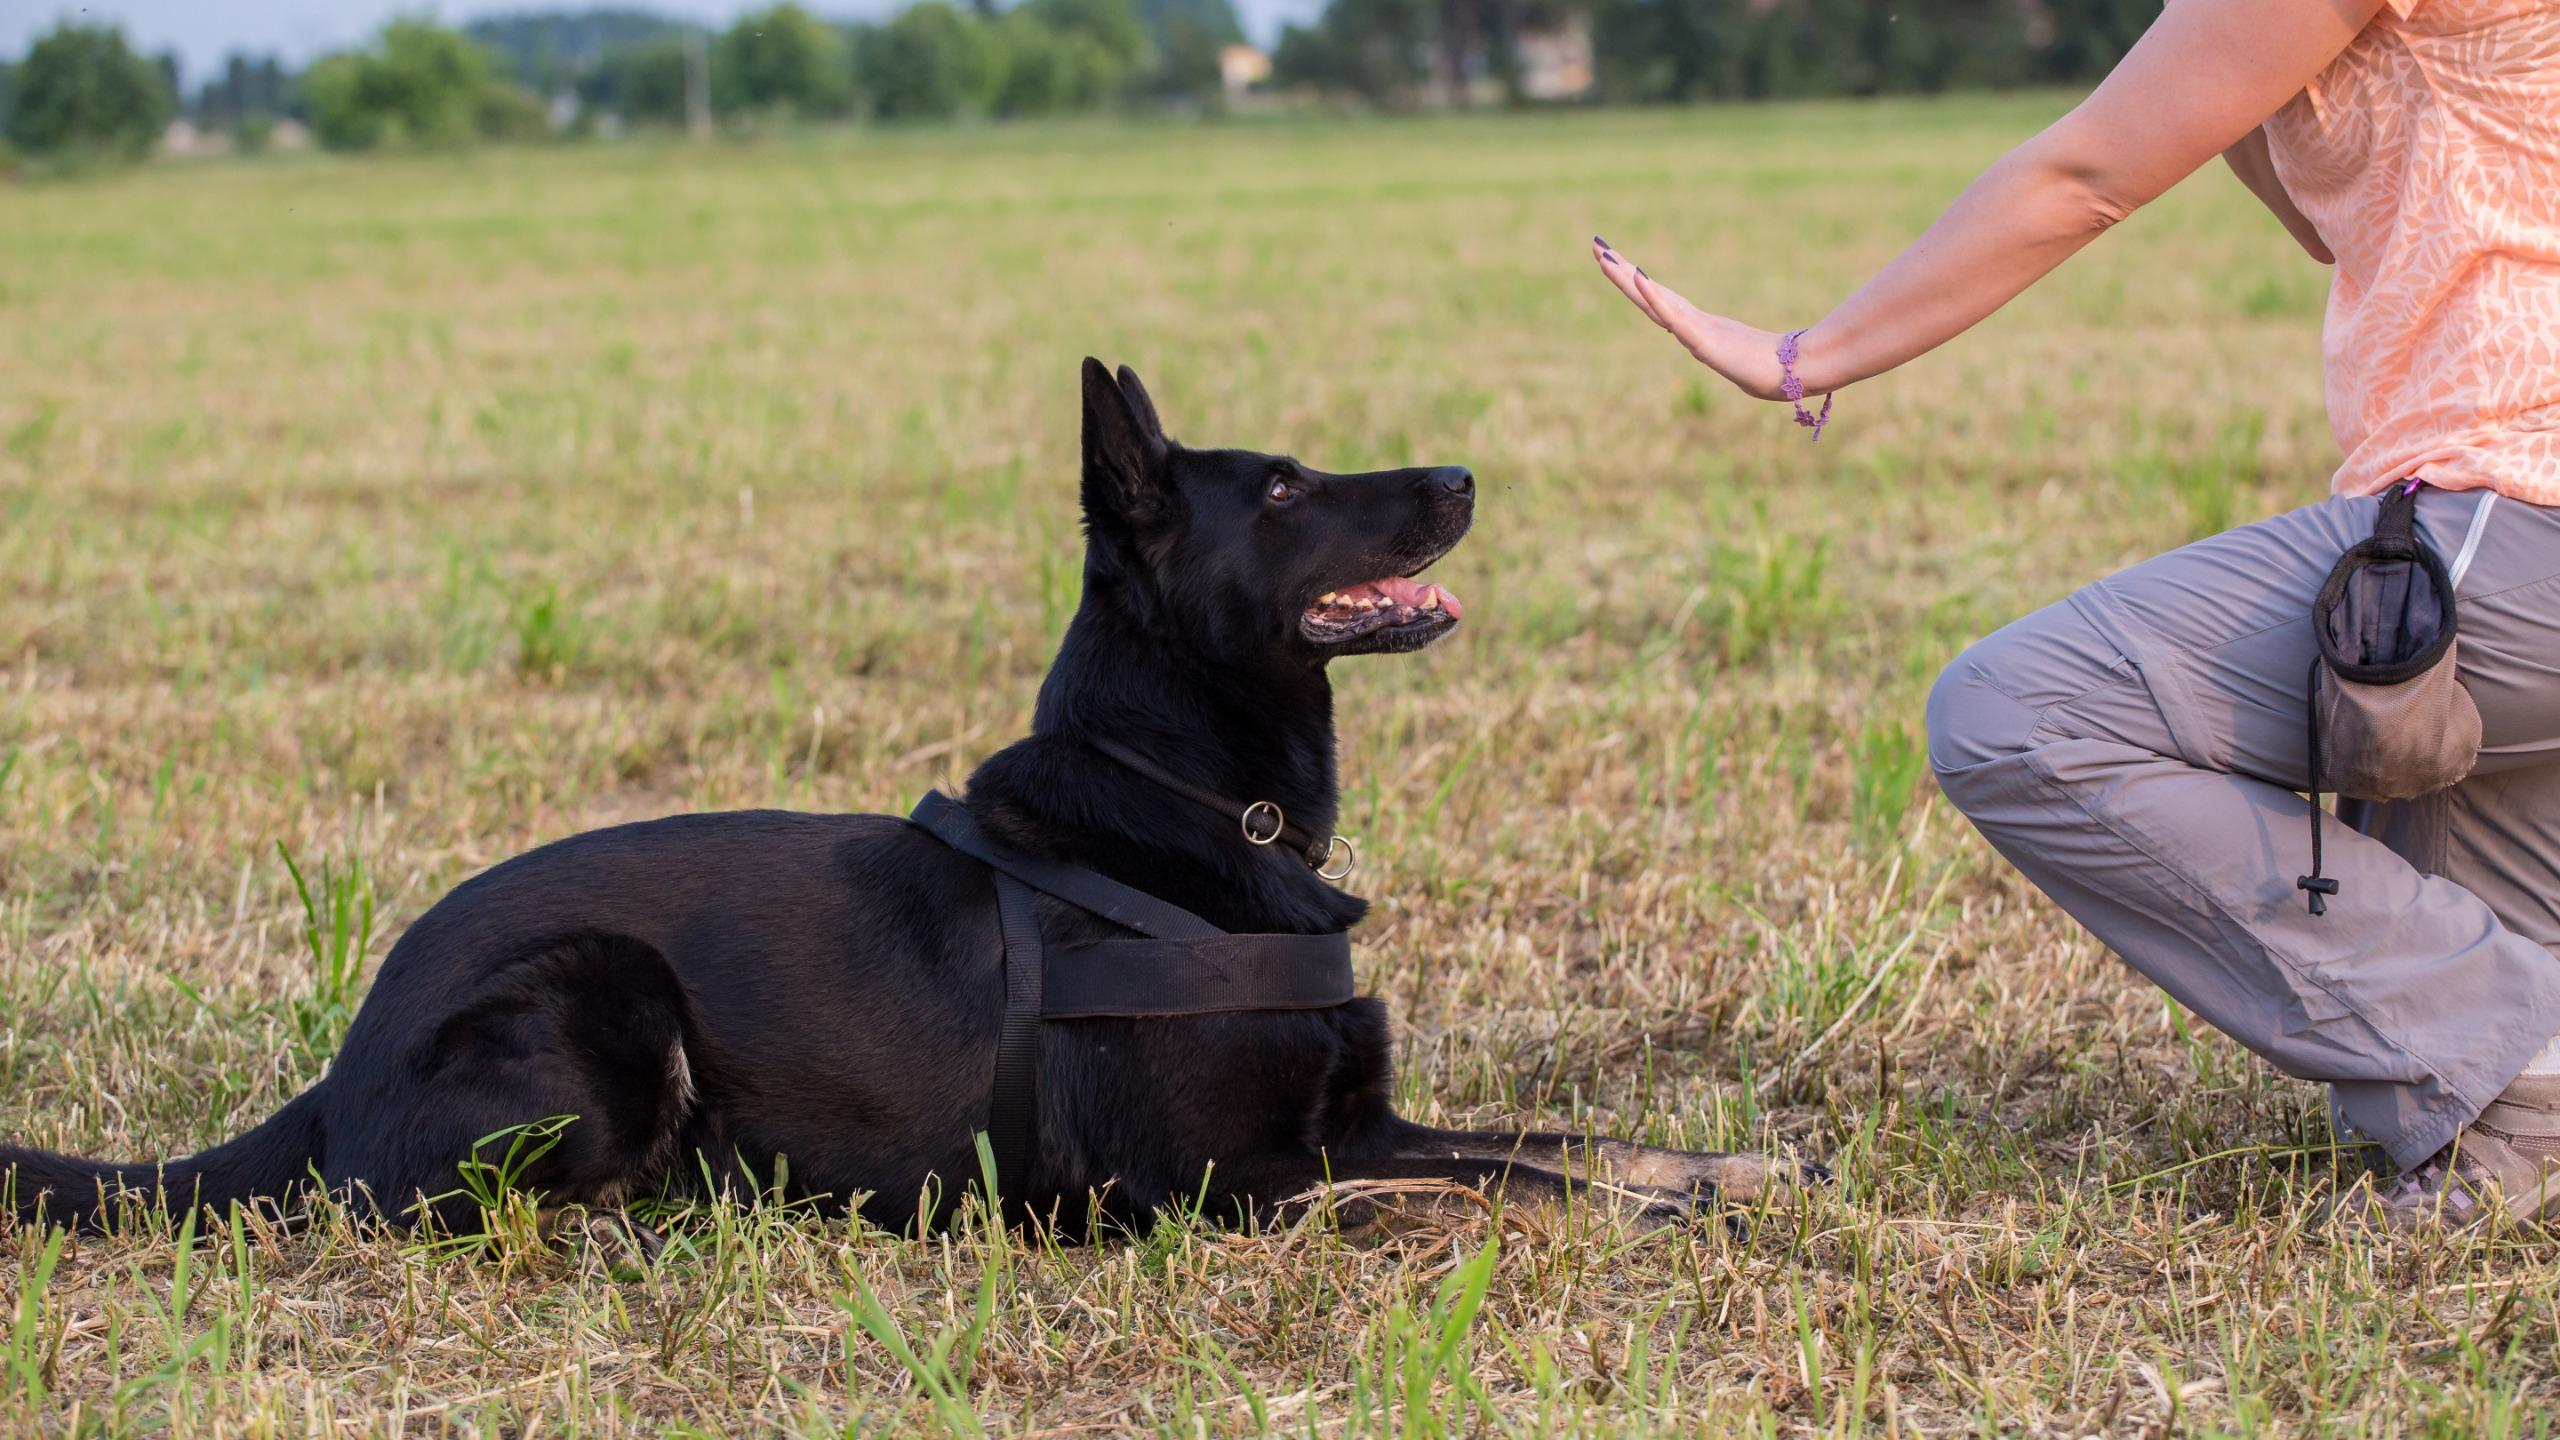 У собак, в отличие от волков, нашли врожденные способности к пониманию человеческих жестов